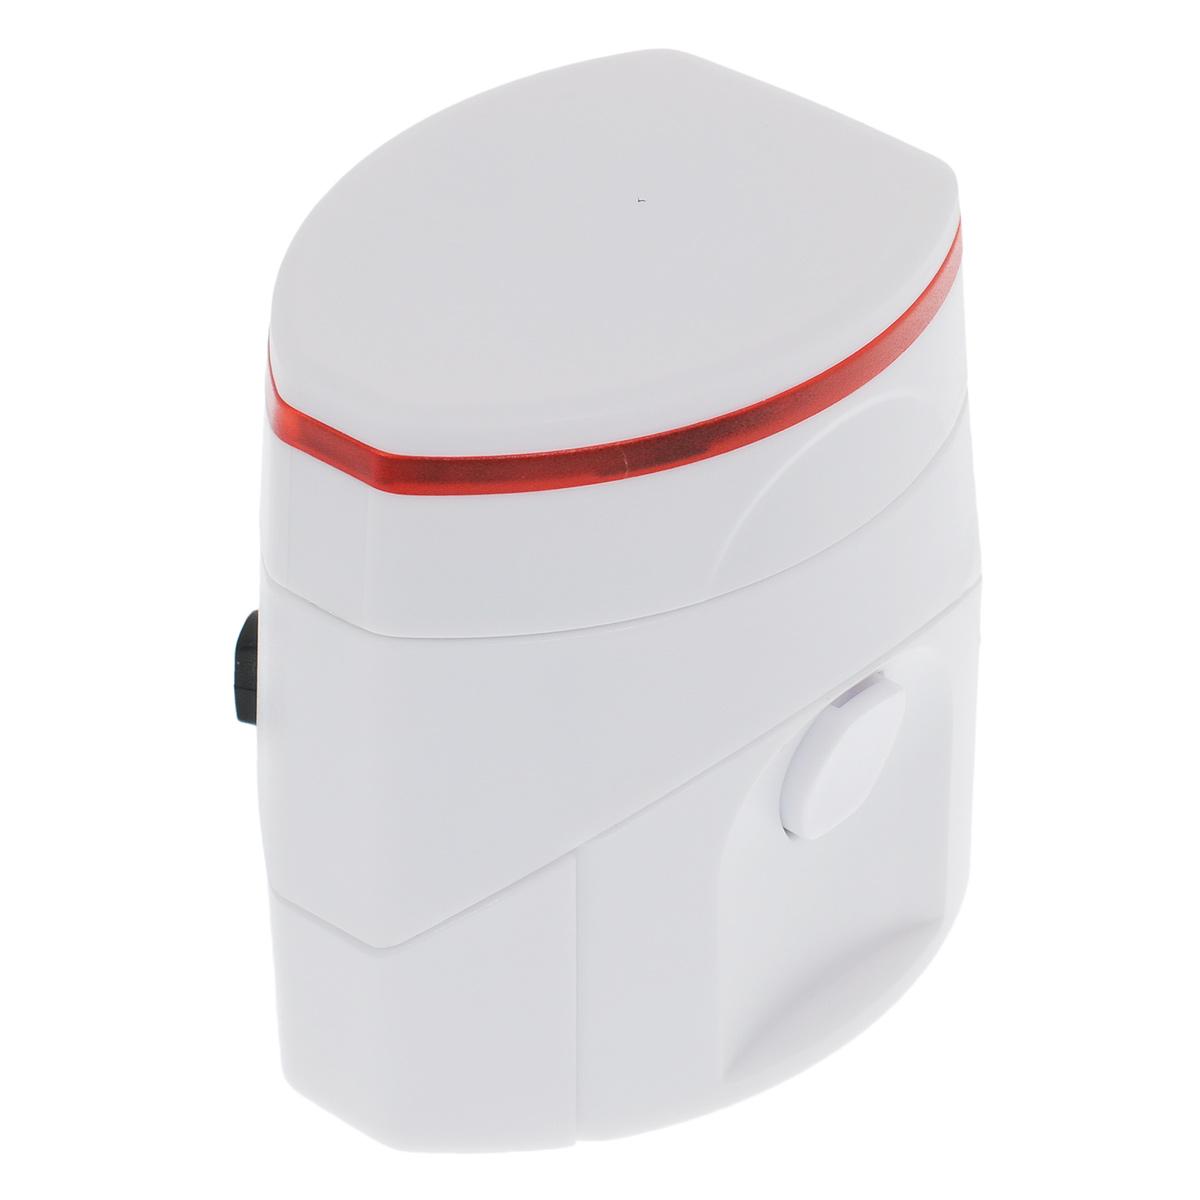 Liberty Project зарядное устройство с адаптерами 1АR0002Адаптер сетевого питания Liberty Project - незаменимая вещь для путешественников и людей, часто бывающих в разъездах. Теперь вам больше не придётся искать в гостинице нужный вам разъем или возить с собой кучу приспособлений для подзарядки. Универсальный переходник подходит для розеток более 150 стран. Также имеет 2 встроенных разъема USB для зарядки телефонов, МР3-плееров, планшетов и многого другого. Подходит для зарядки iPod, iPhone, iPad, Blackberry и телефонов других производителей. Компактность прибора позволит вам поместить его в любой саквояж или даже дамскую сумочку. Прибор лёгкий по весу и не составит вам абсолютно никаких неудобств при транспортировке.